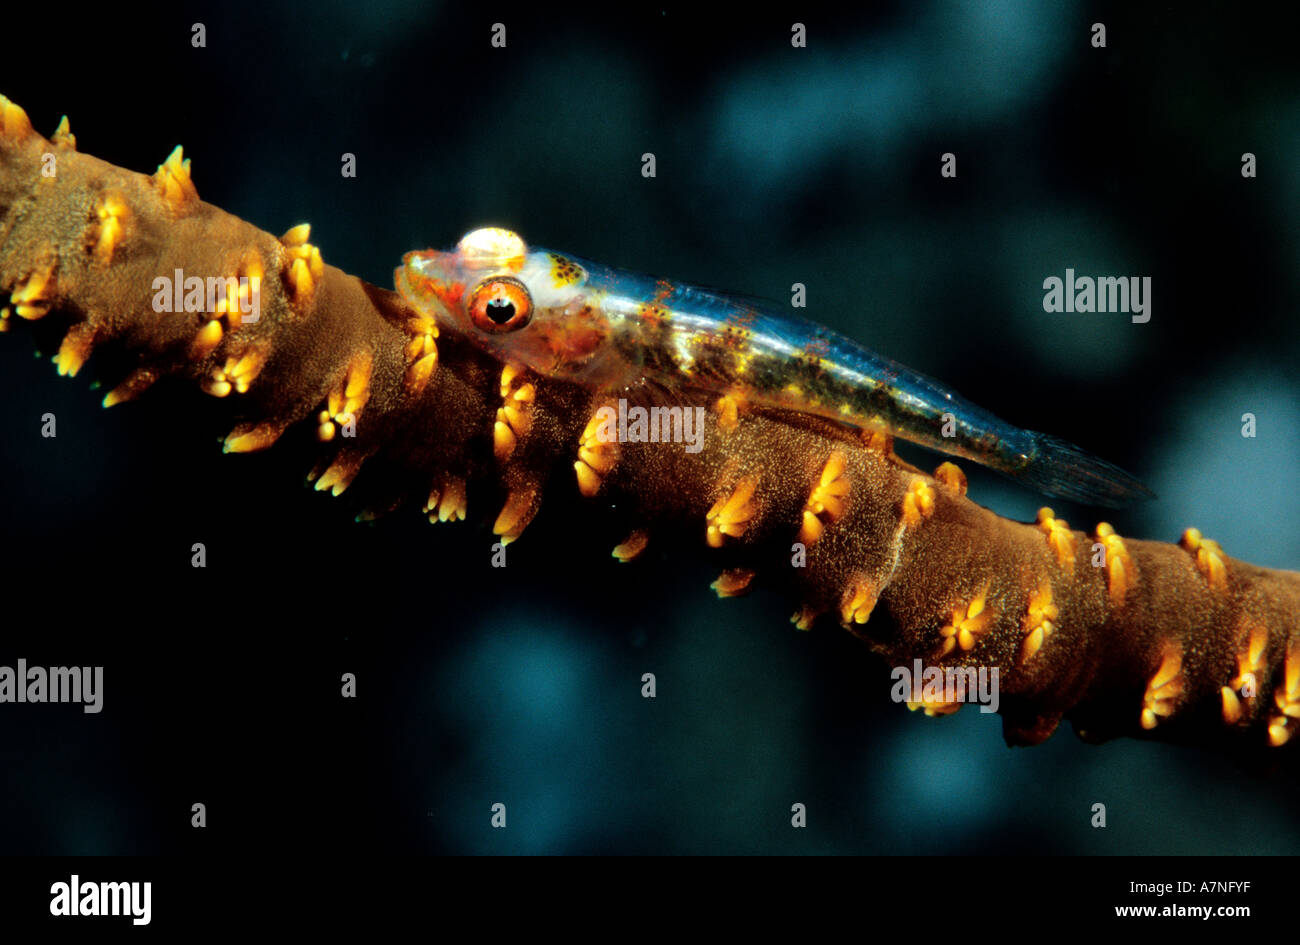 Egitto, Mar Rosso, un ghiozzo di 2 cm di lunghezza con macchie marrone simile a i polipi del corallo a frusta dove è che stabilisce Immagini Stock